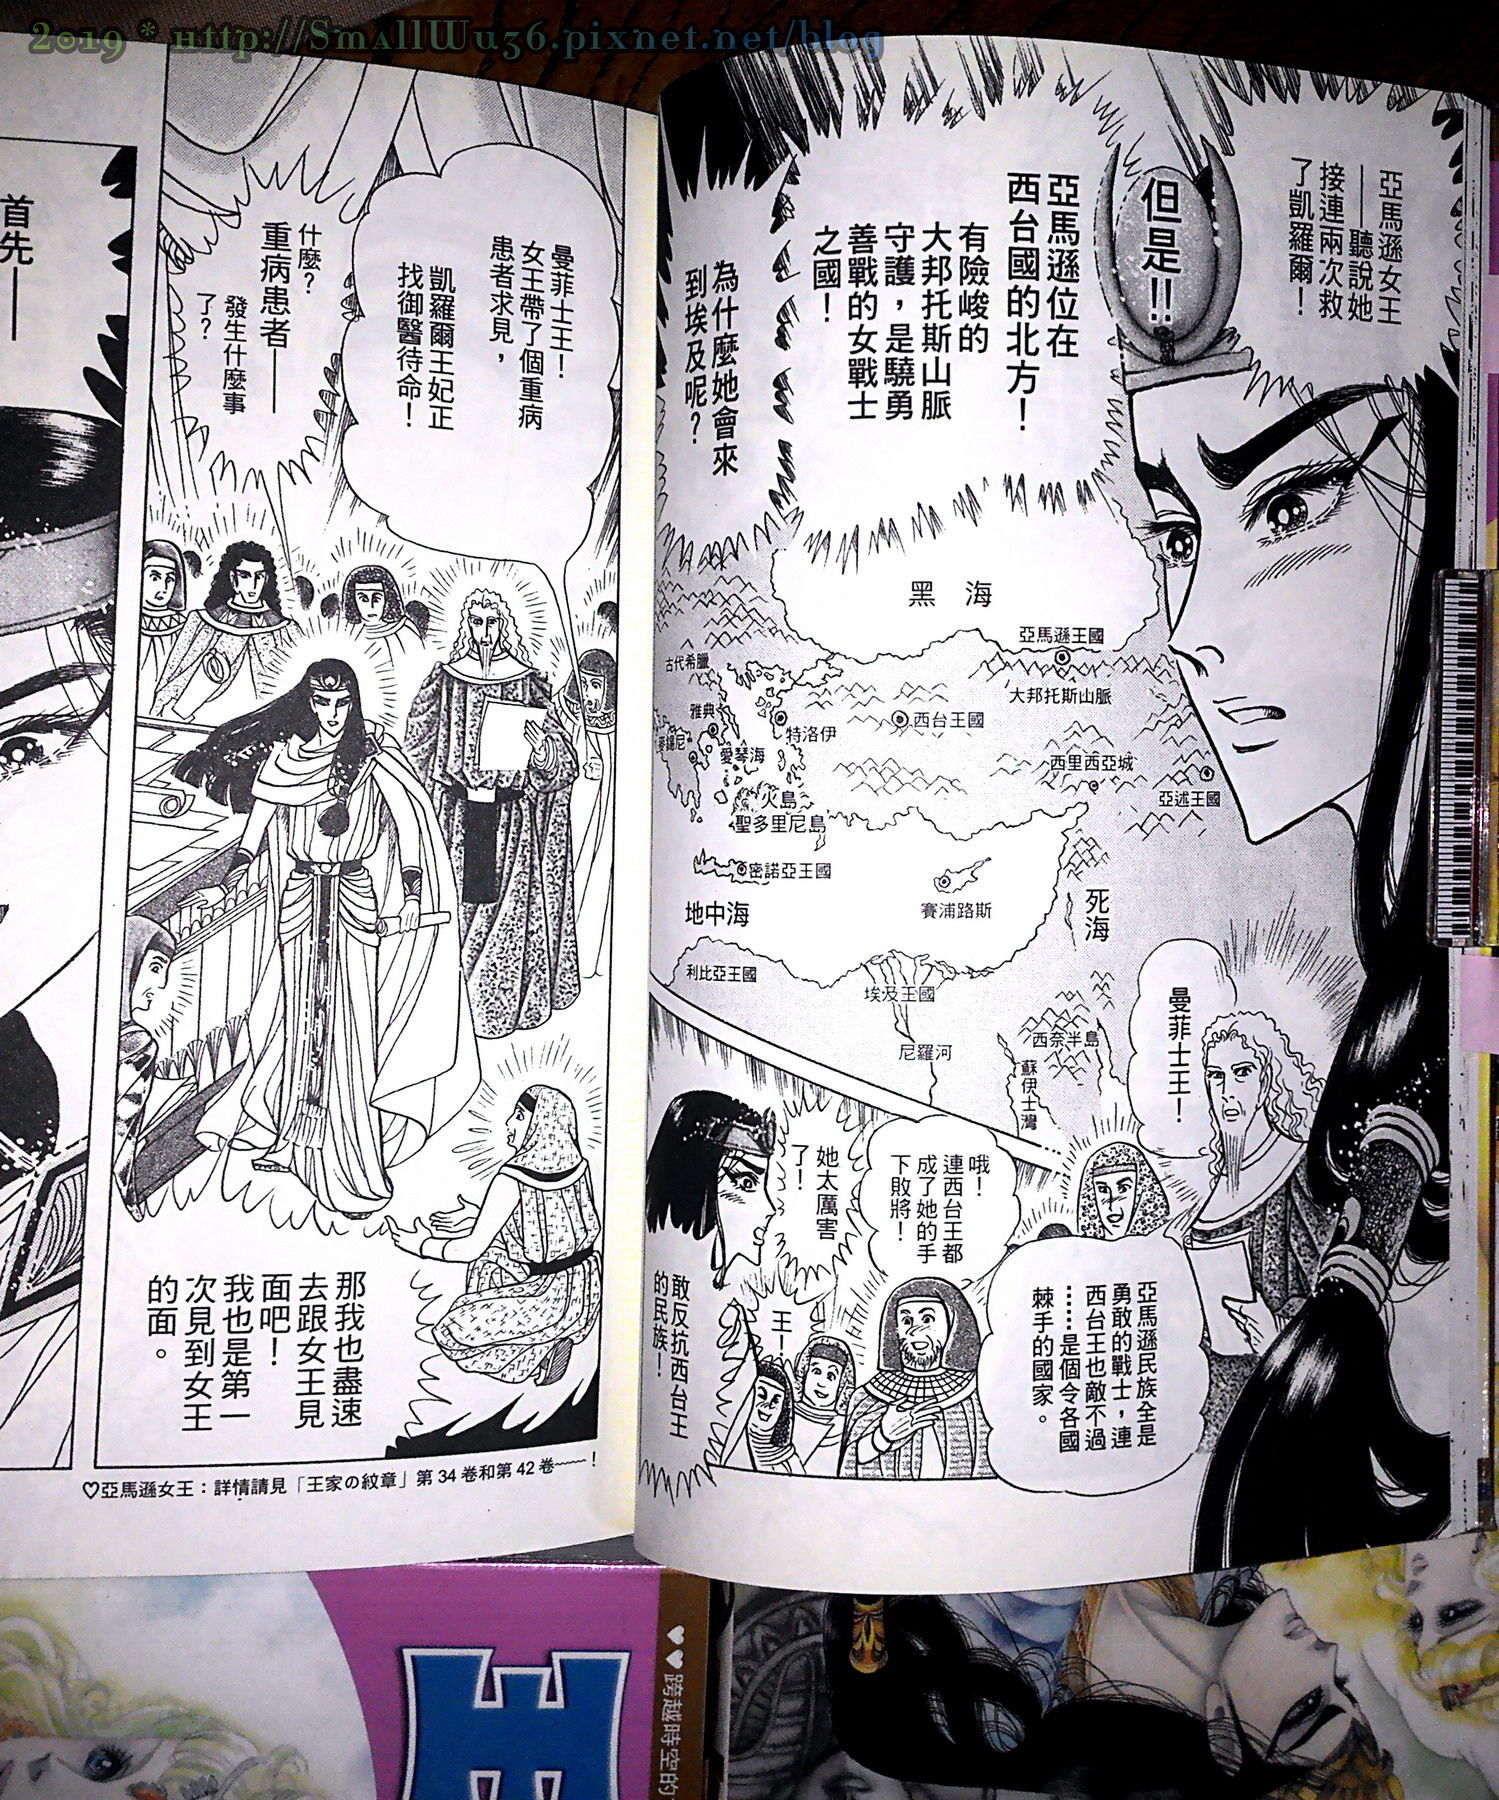 細川智榮子-王家的紋章(尼羅河女兒) 01-48 (長鴻)  vol_48 亞馬遜國地圖.jpg